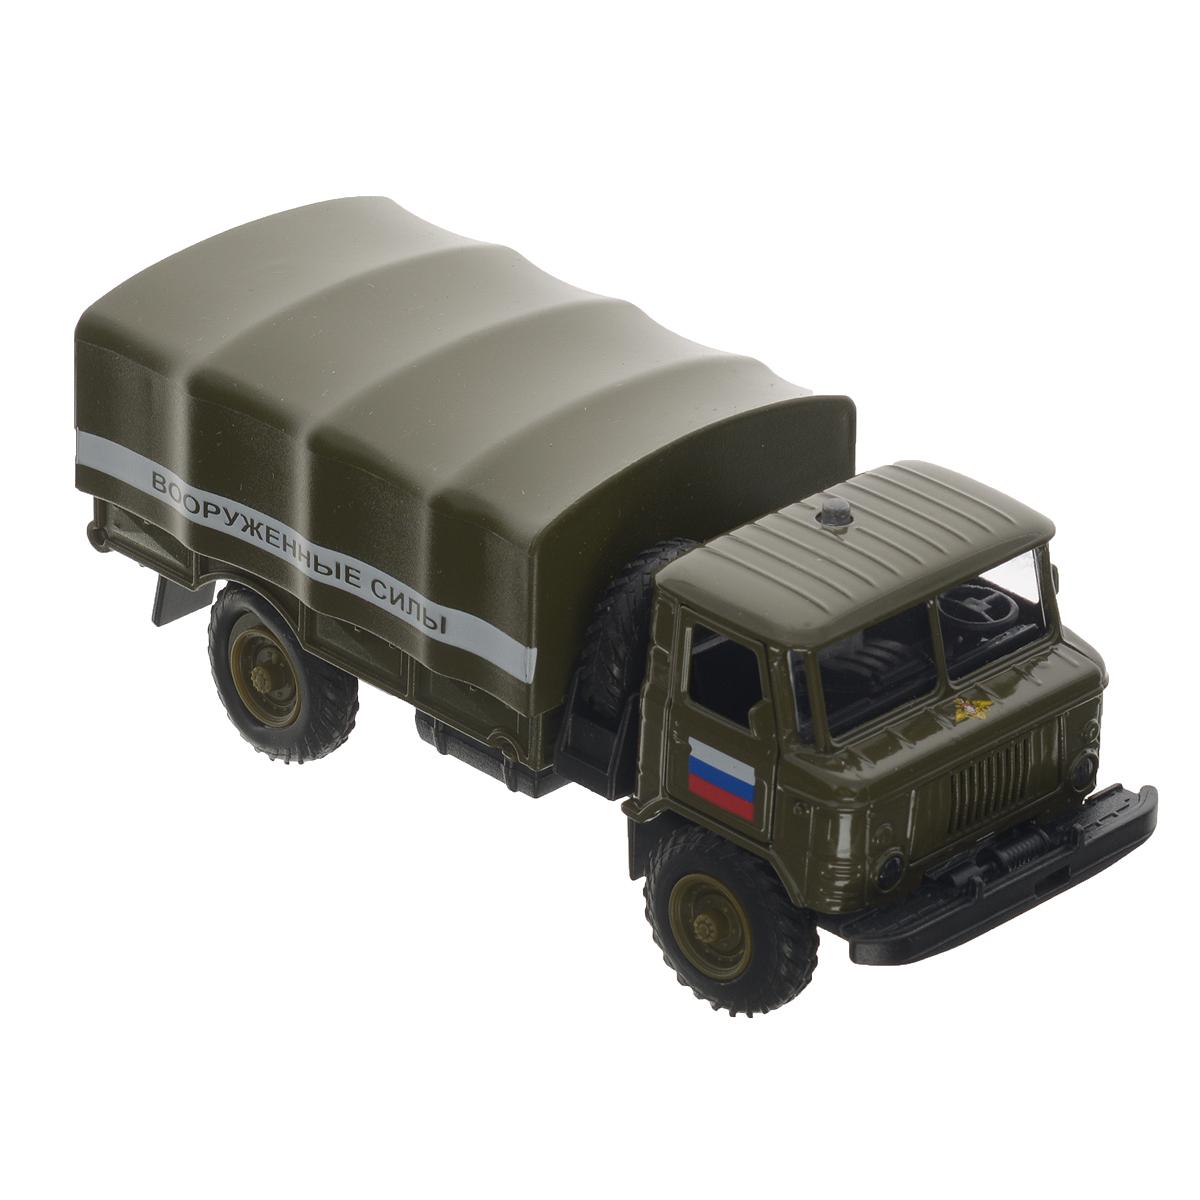 ТехноПарк Машинка инерционная ГАЗ 66 Вооруженные силы пламенный мотор машинка инерционная volvo пожарная охрана